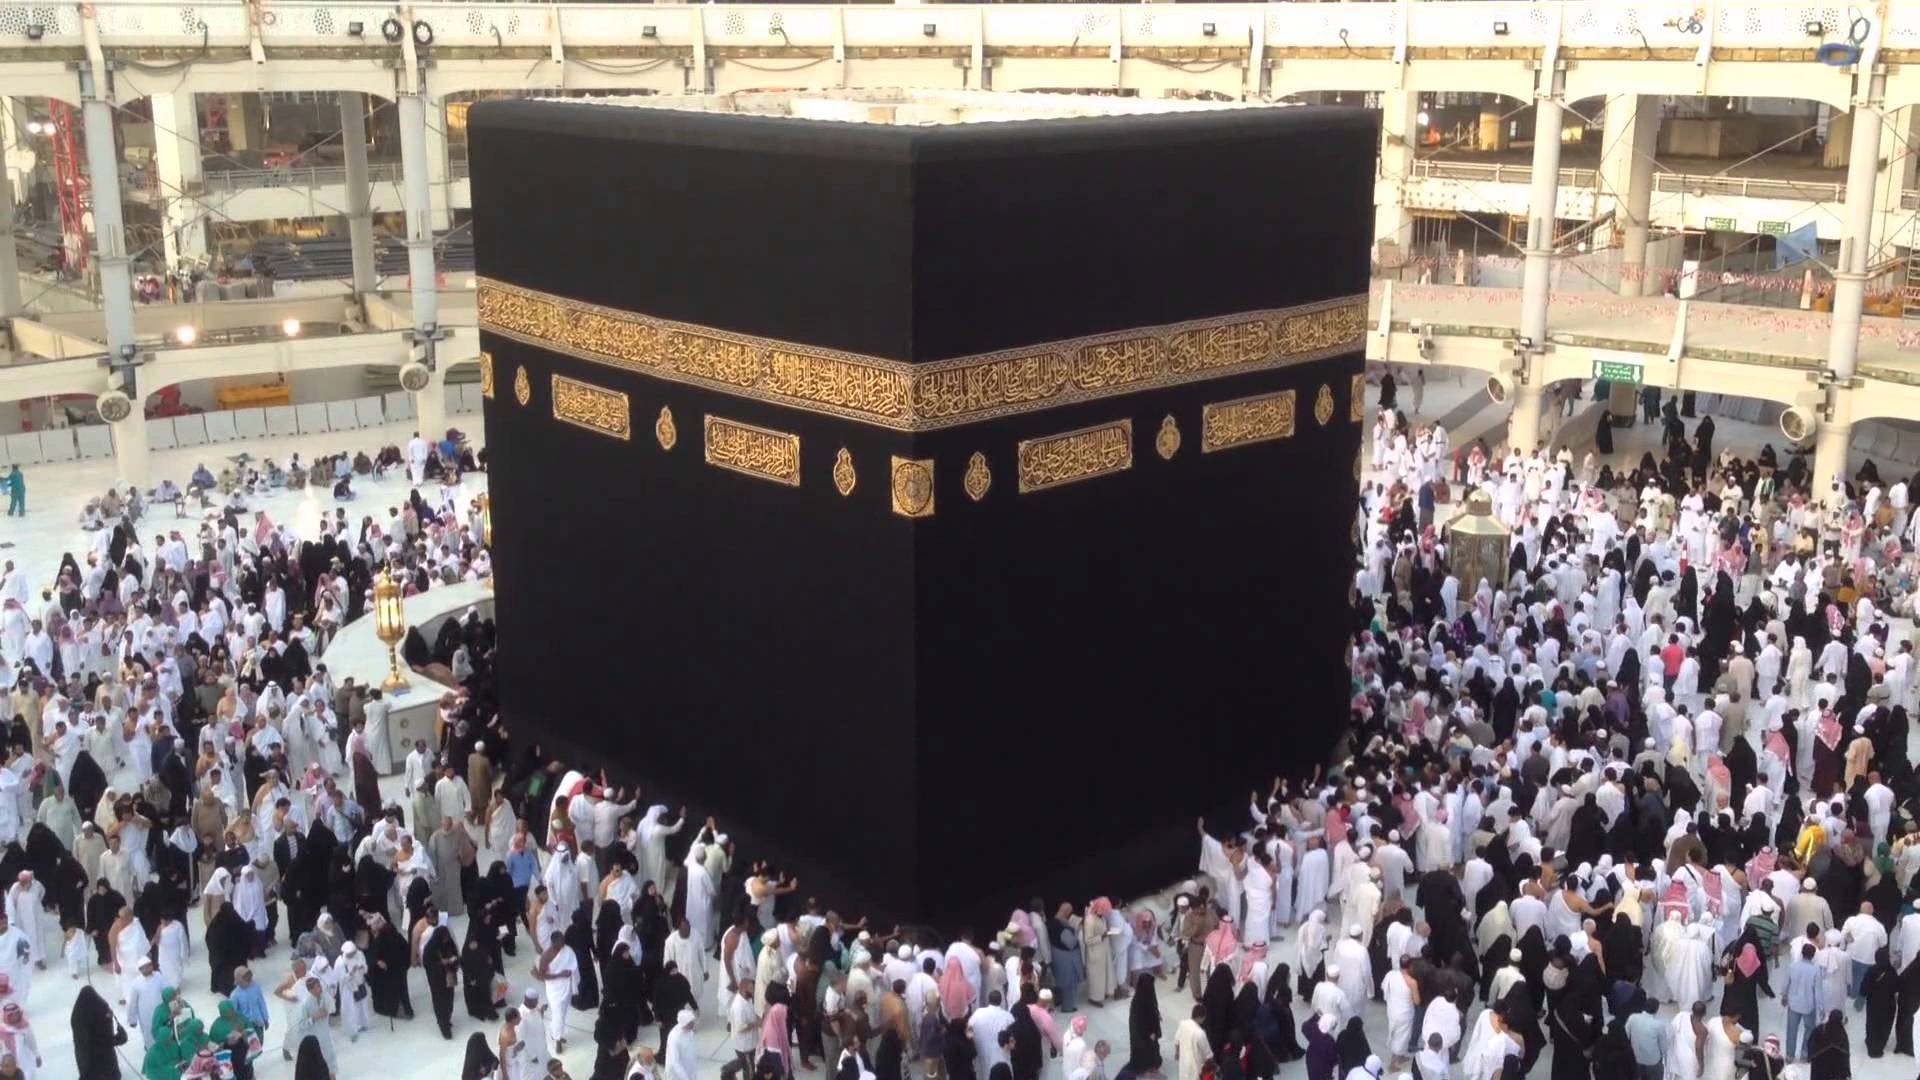 صوره صور الكعبة المشرفة , بيت الله الحرام ما اروعة من مكان